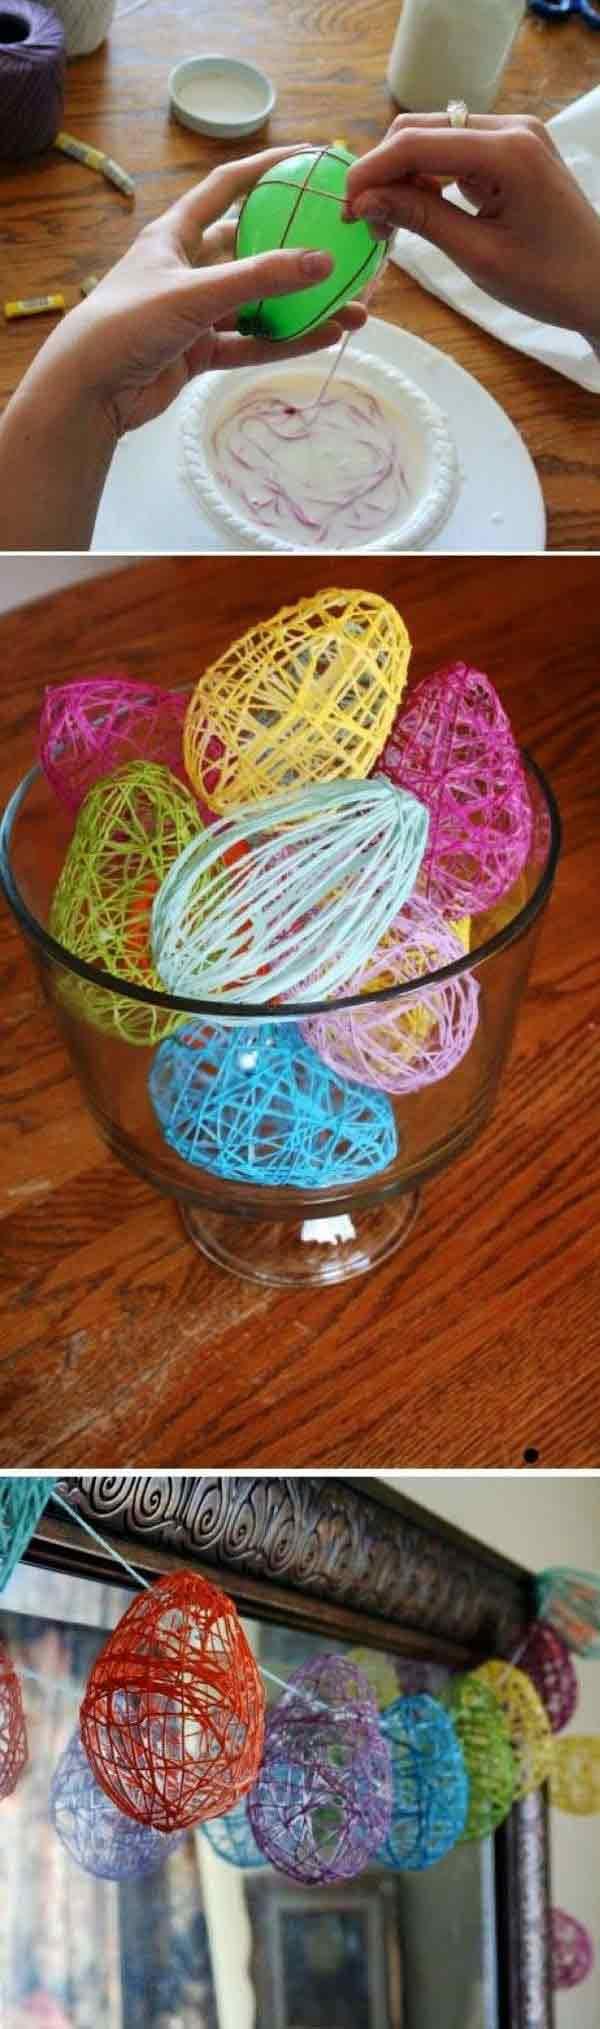 Diy-crafts-for-easter-4